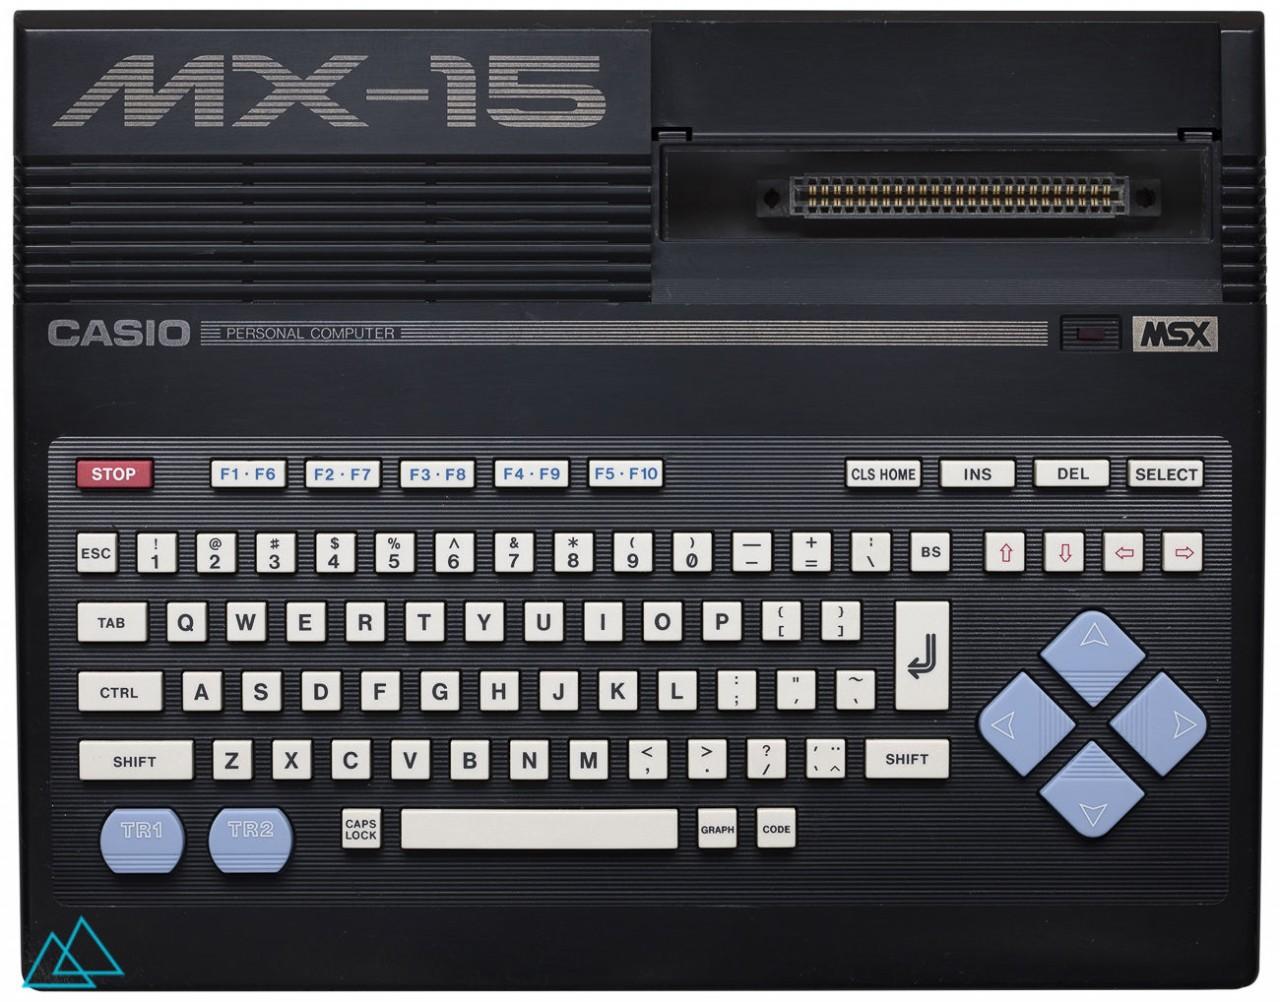 # 160 MSX Casio MX-15